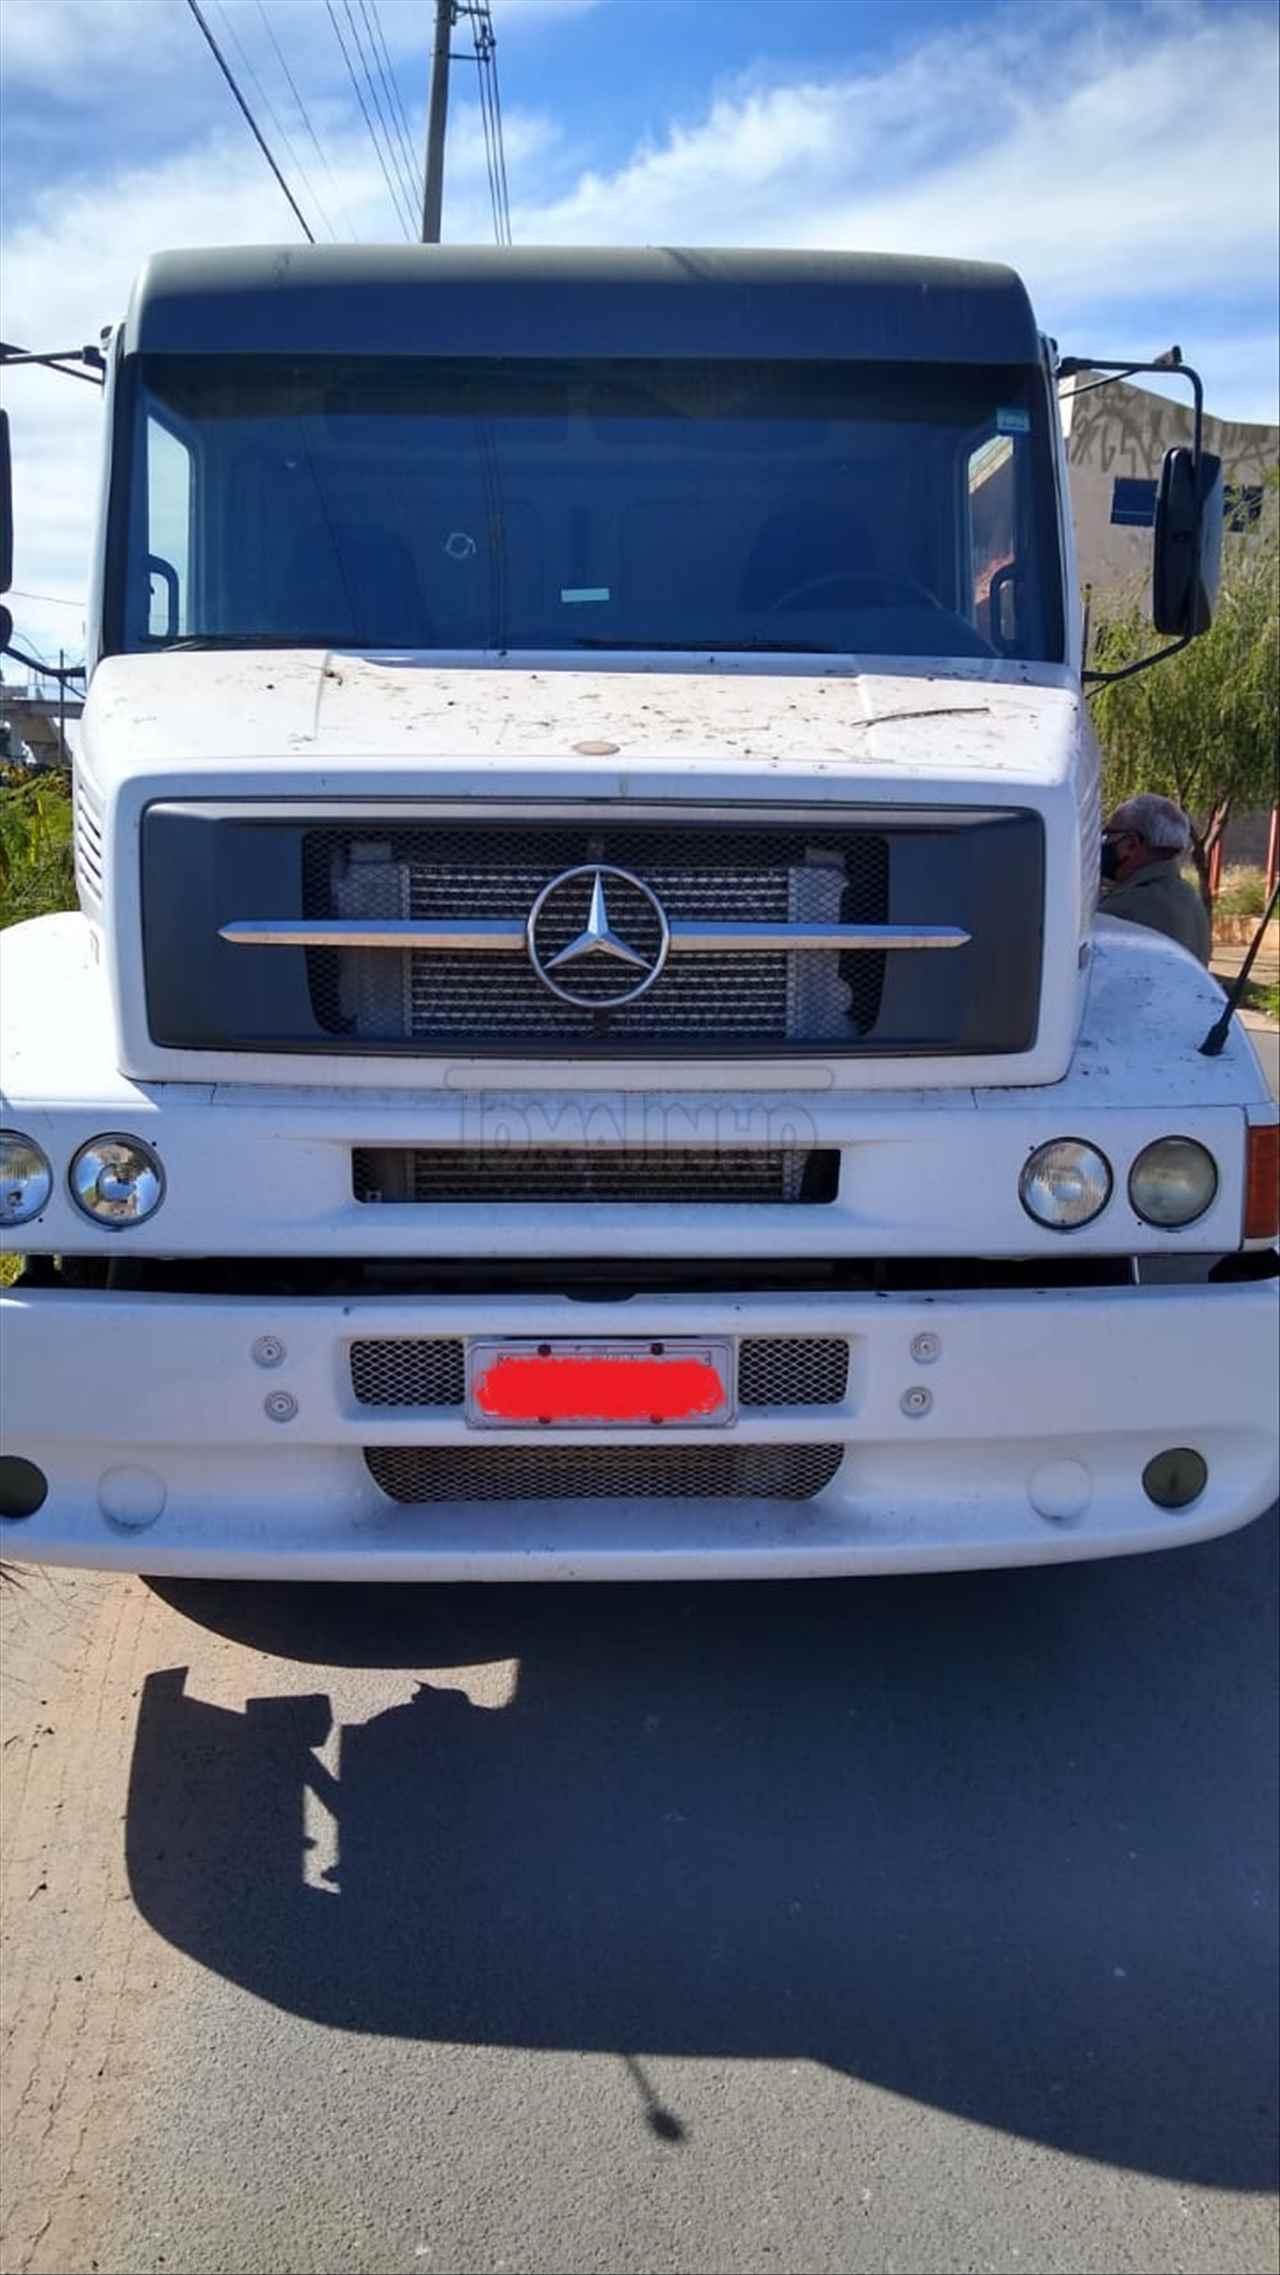 CAMINHAO MERCEDES-BENZ MB 1634 Cavalo Mecânico Truck 6x2 Tomatinho Caminhões RIBEIRAO PRETO SÃO PAULO SP